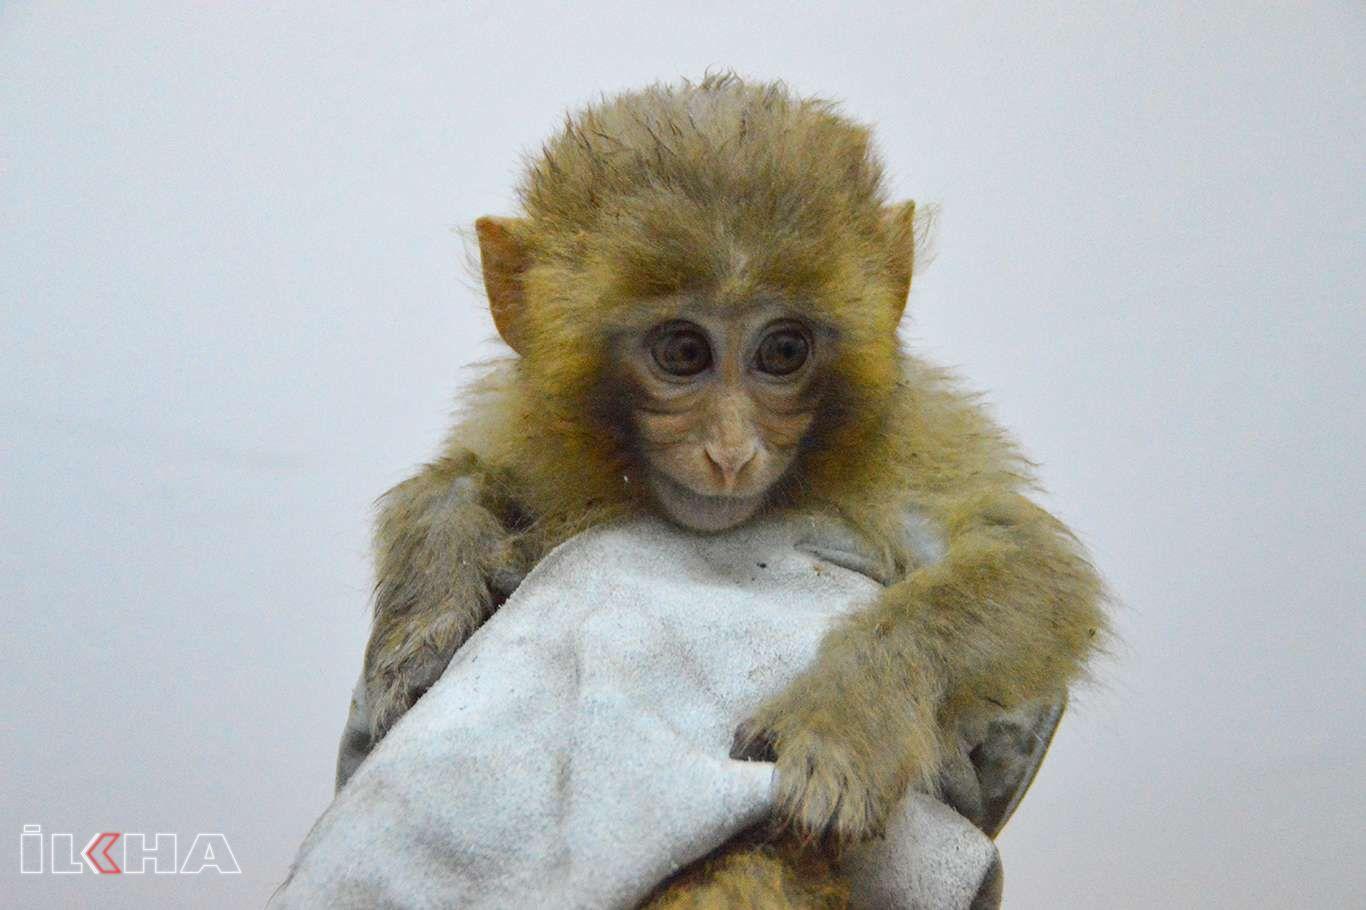 Ağrıda yakalanan 12 maymun Gaziantepe götürüldü